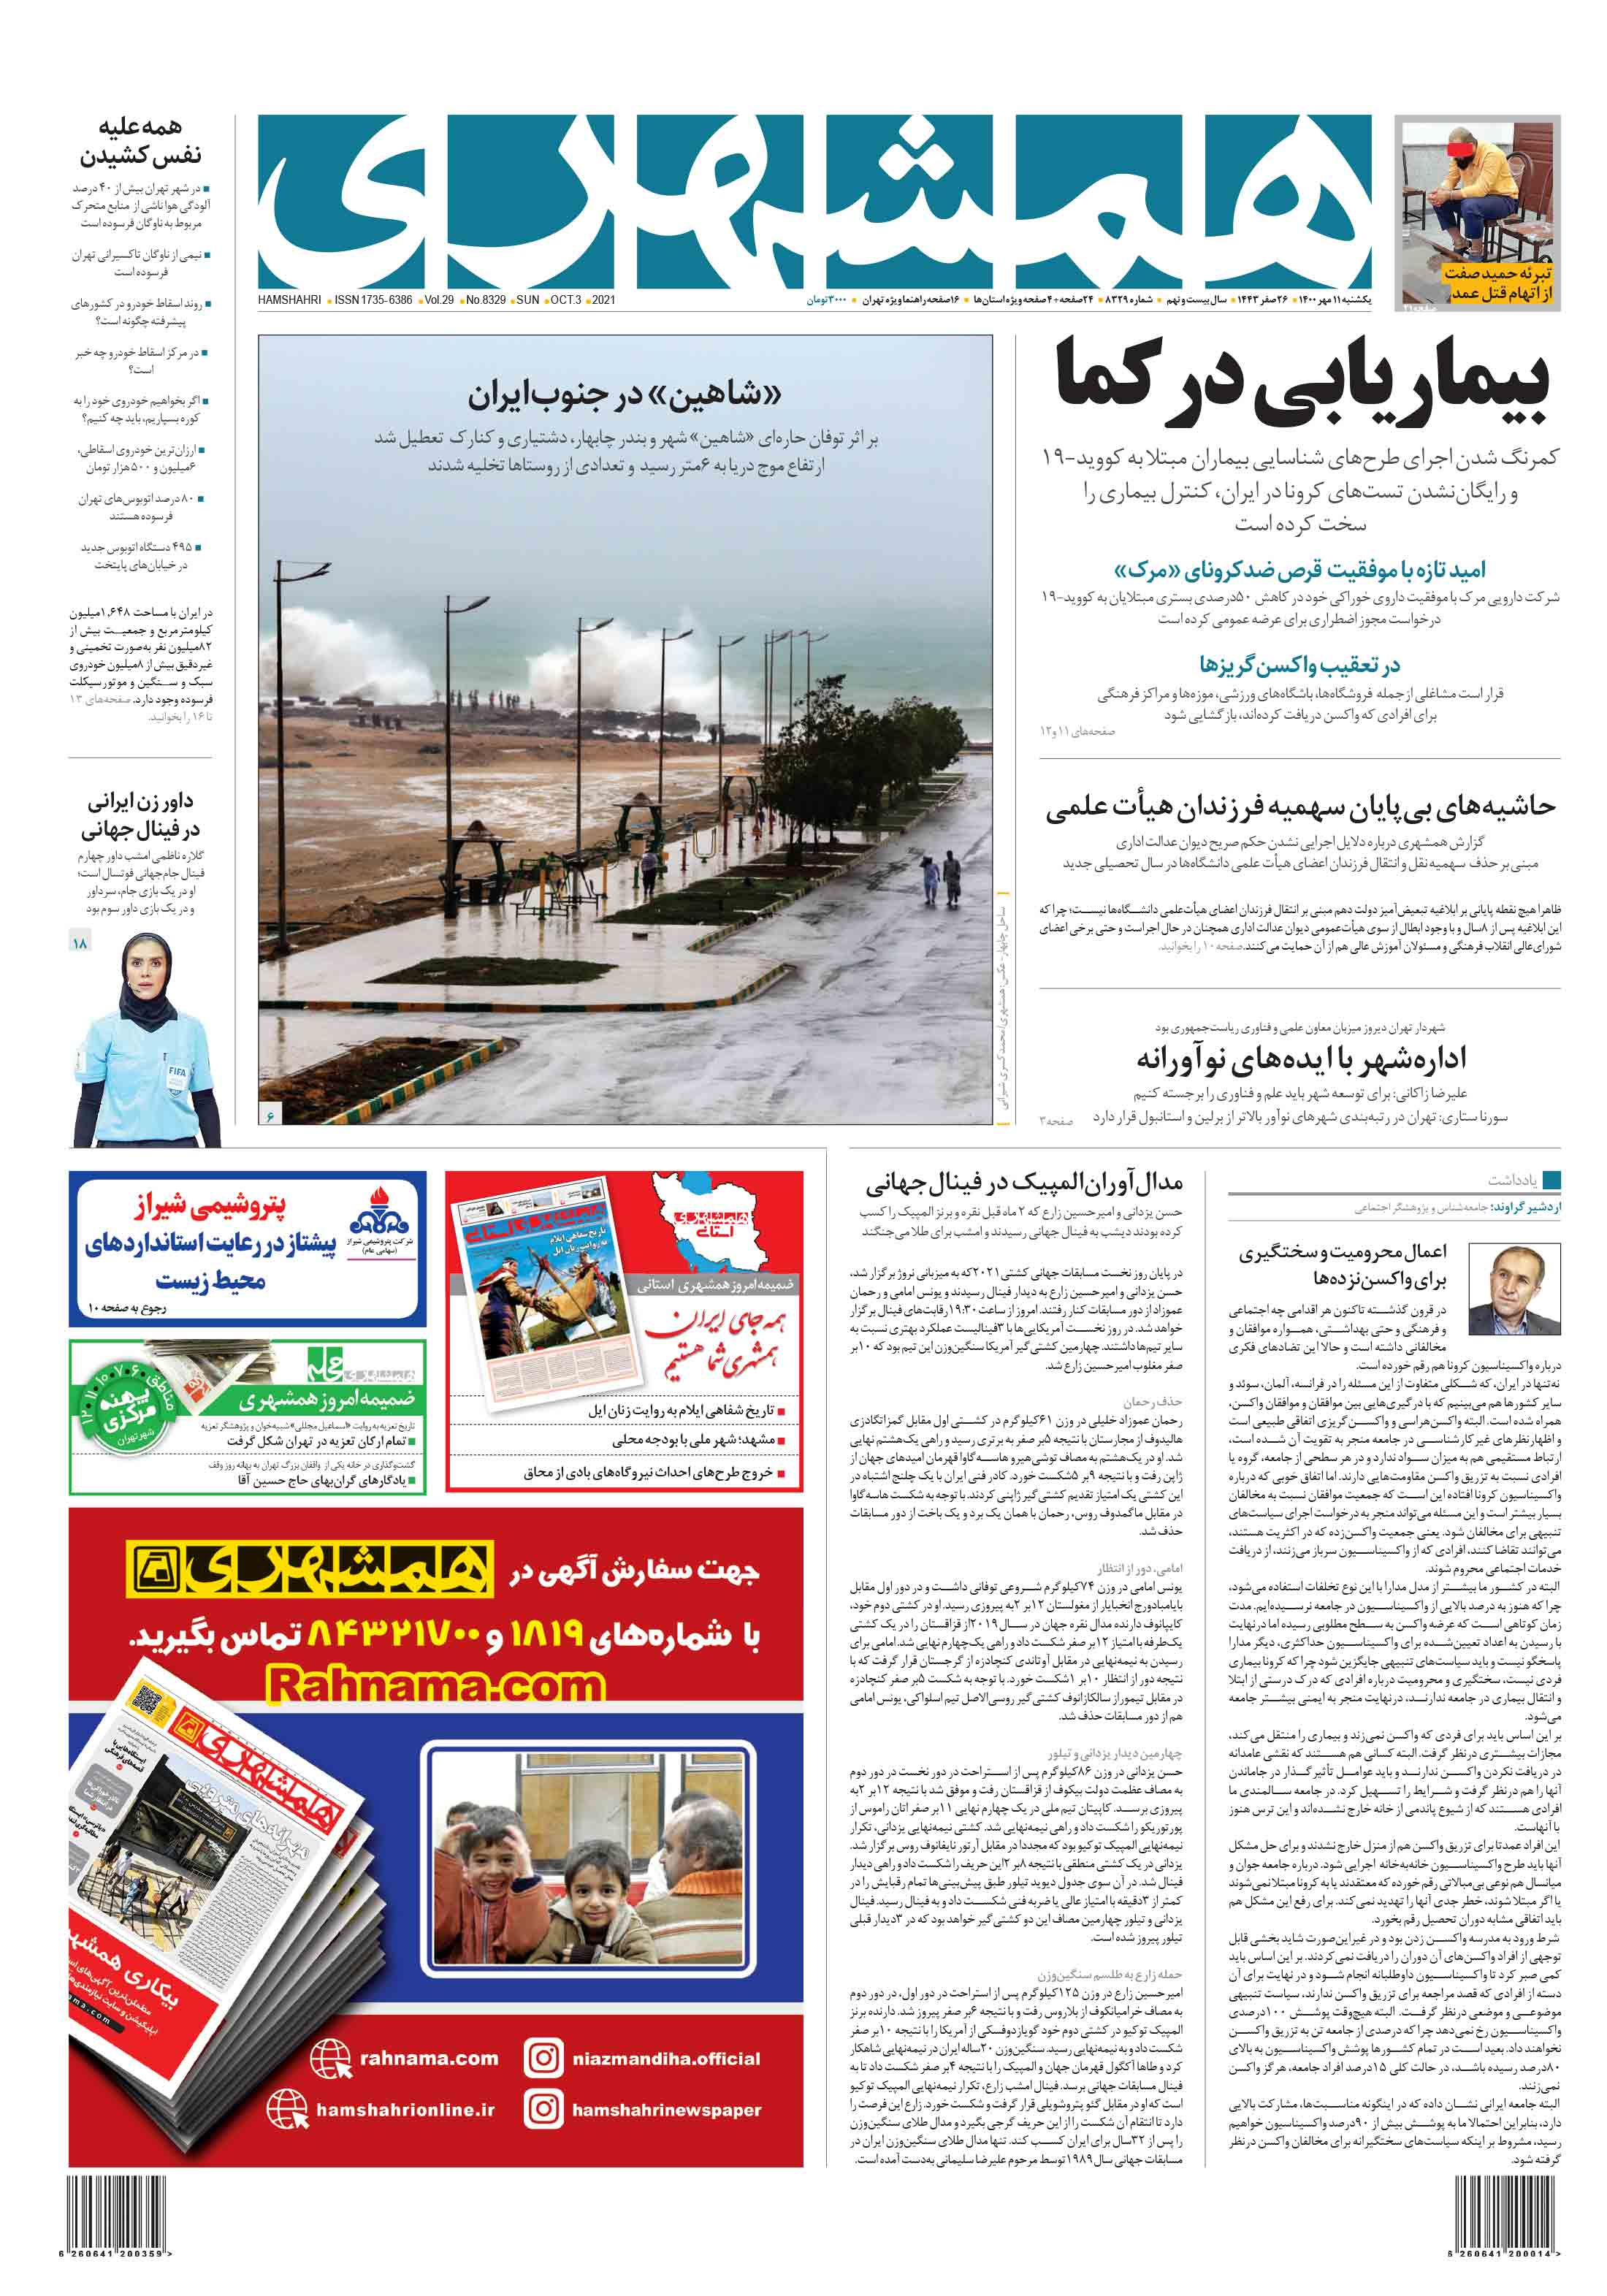 صفحه اول یکشنبه 11 مهر 1400